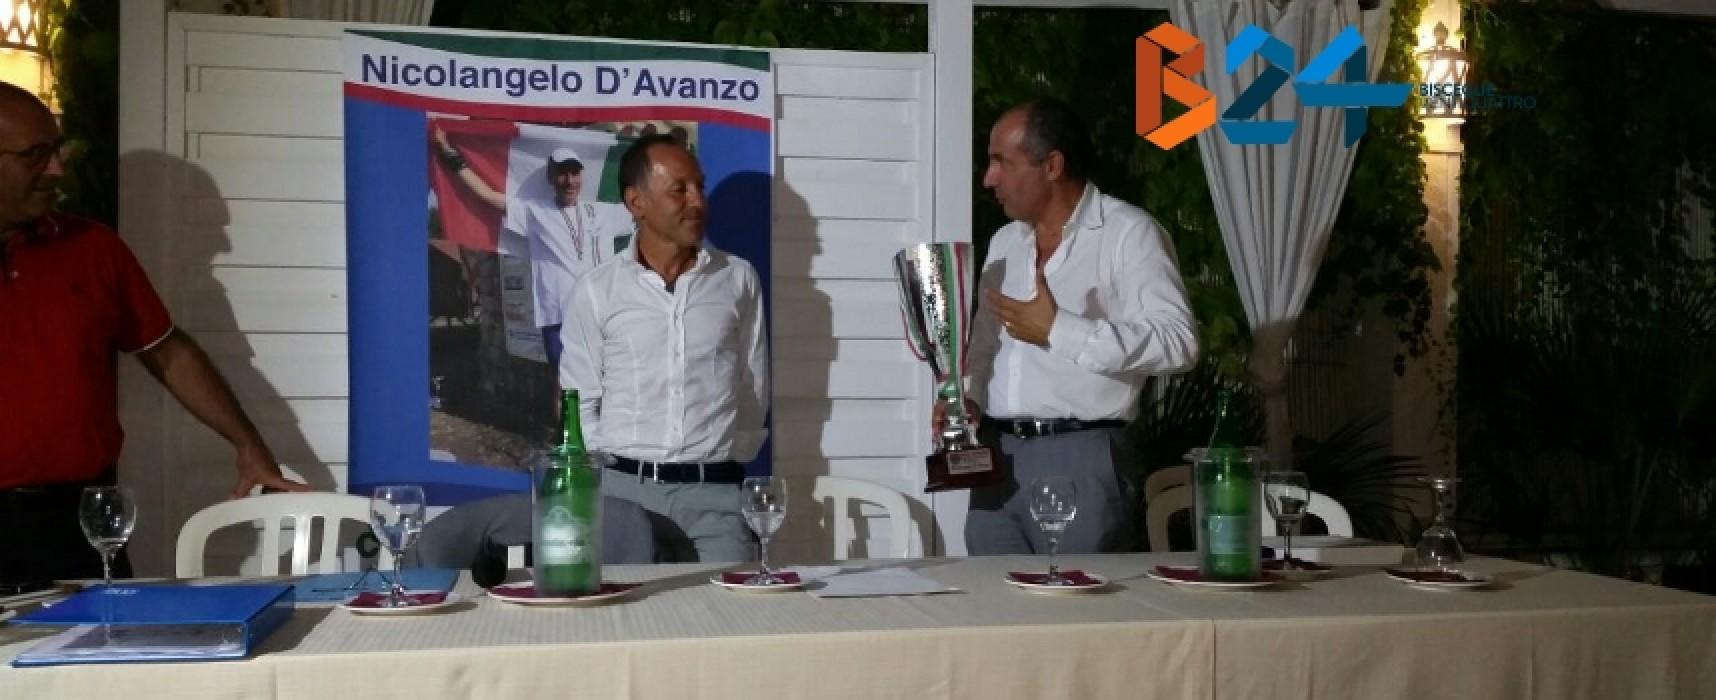 La Bisceglie Running ha premiato il suo atleta di spicco Nicolangelo D'Avanzo